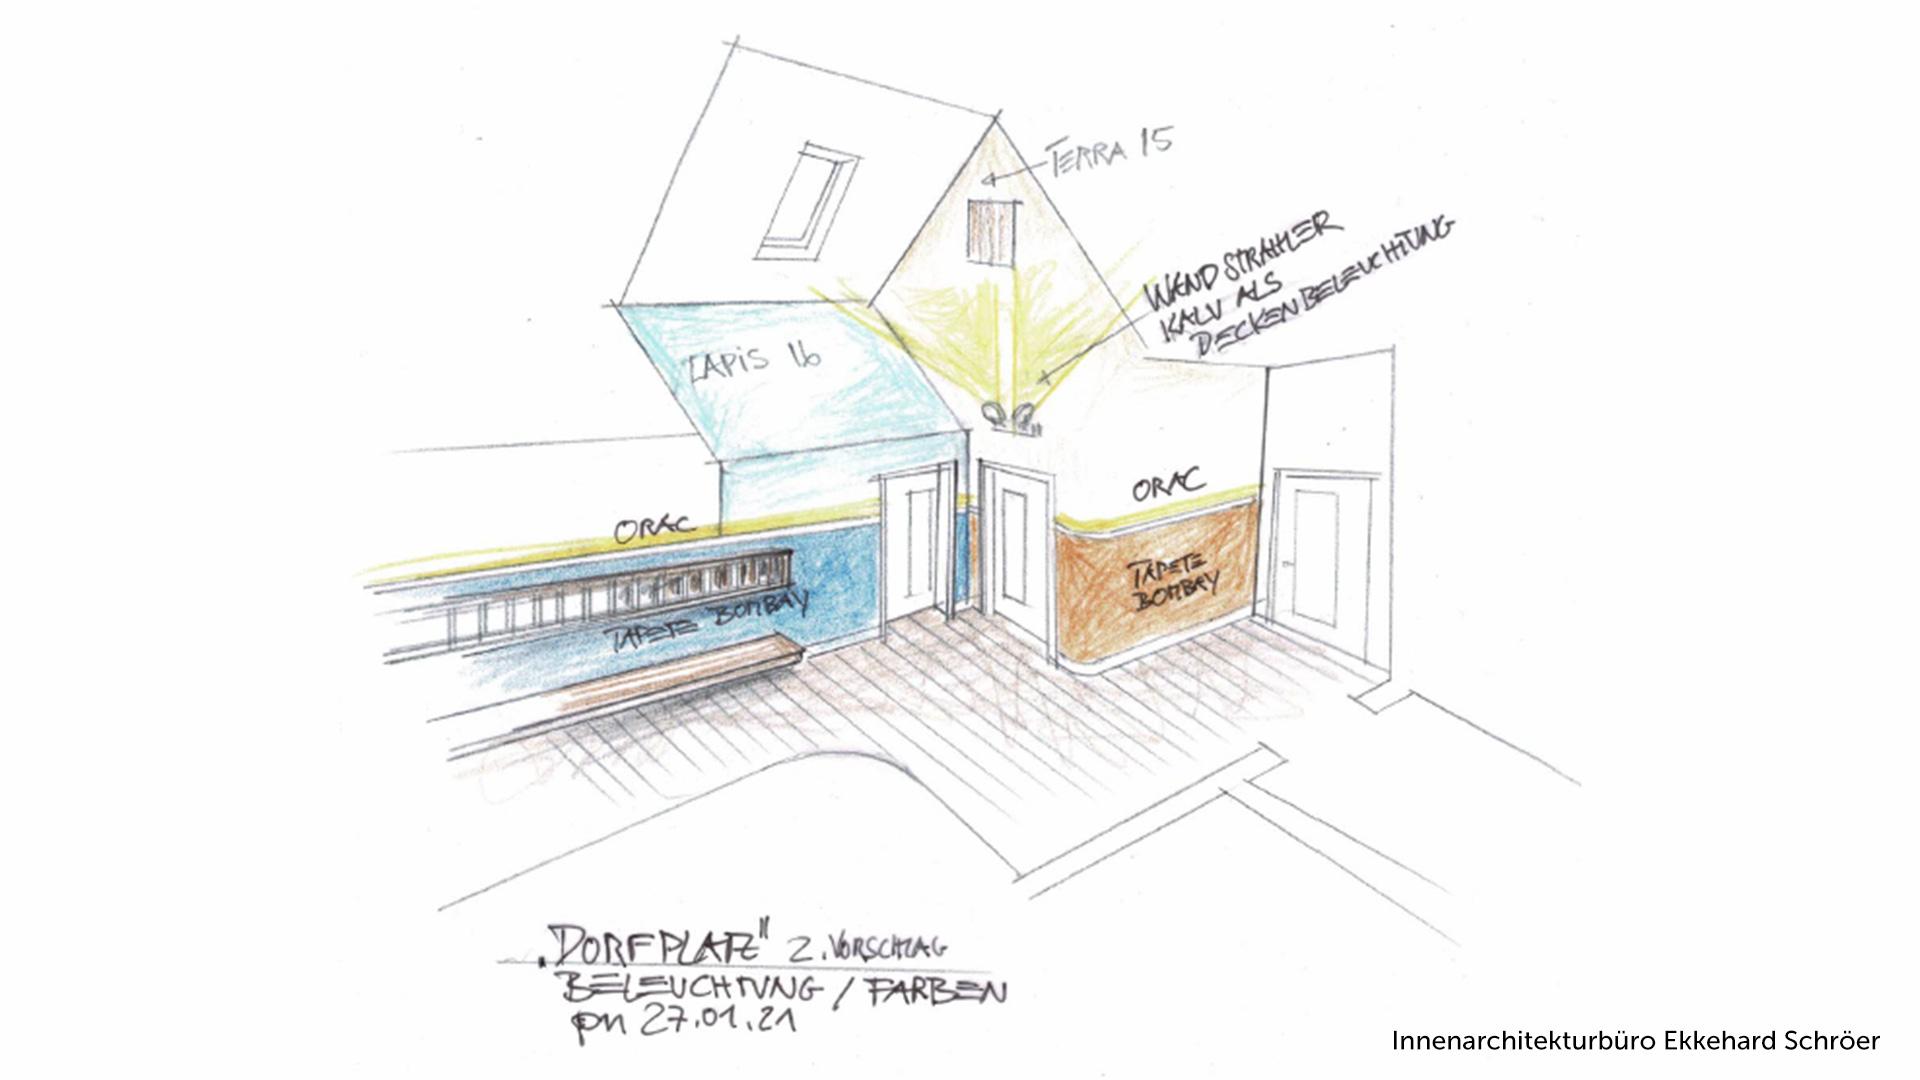 Skizze vom Innenarchitekturbüro Ekkehard Schröer mit Planung der Raum-Beleuchtung und Farben